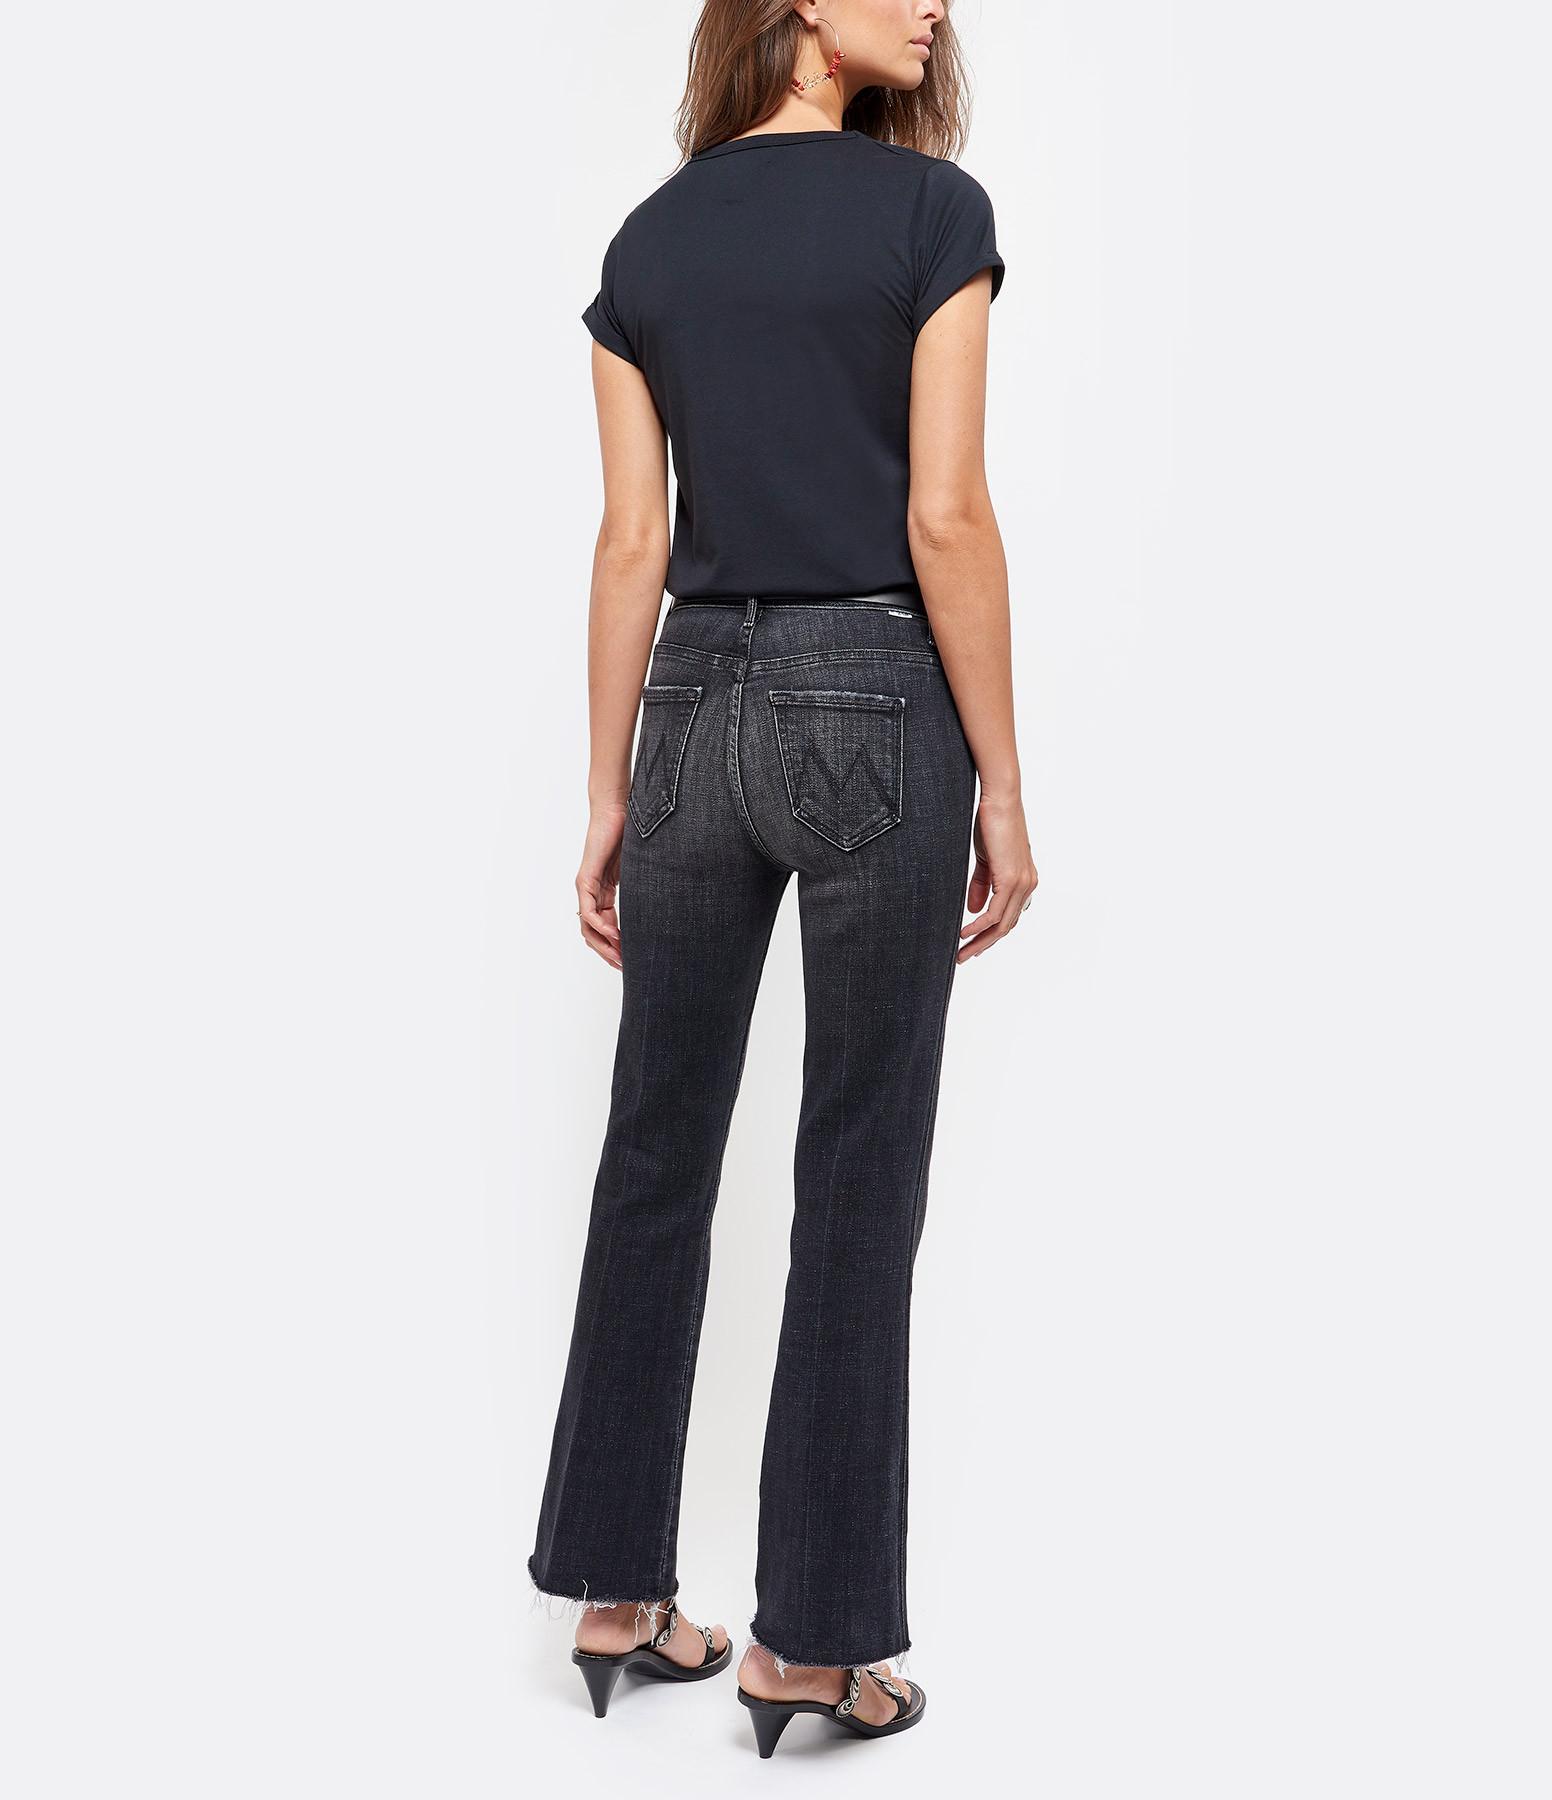 MAISON LABICHE - Tee-shirt Blondie Coton Noir Rouge